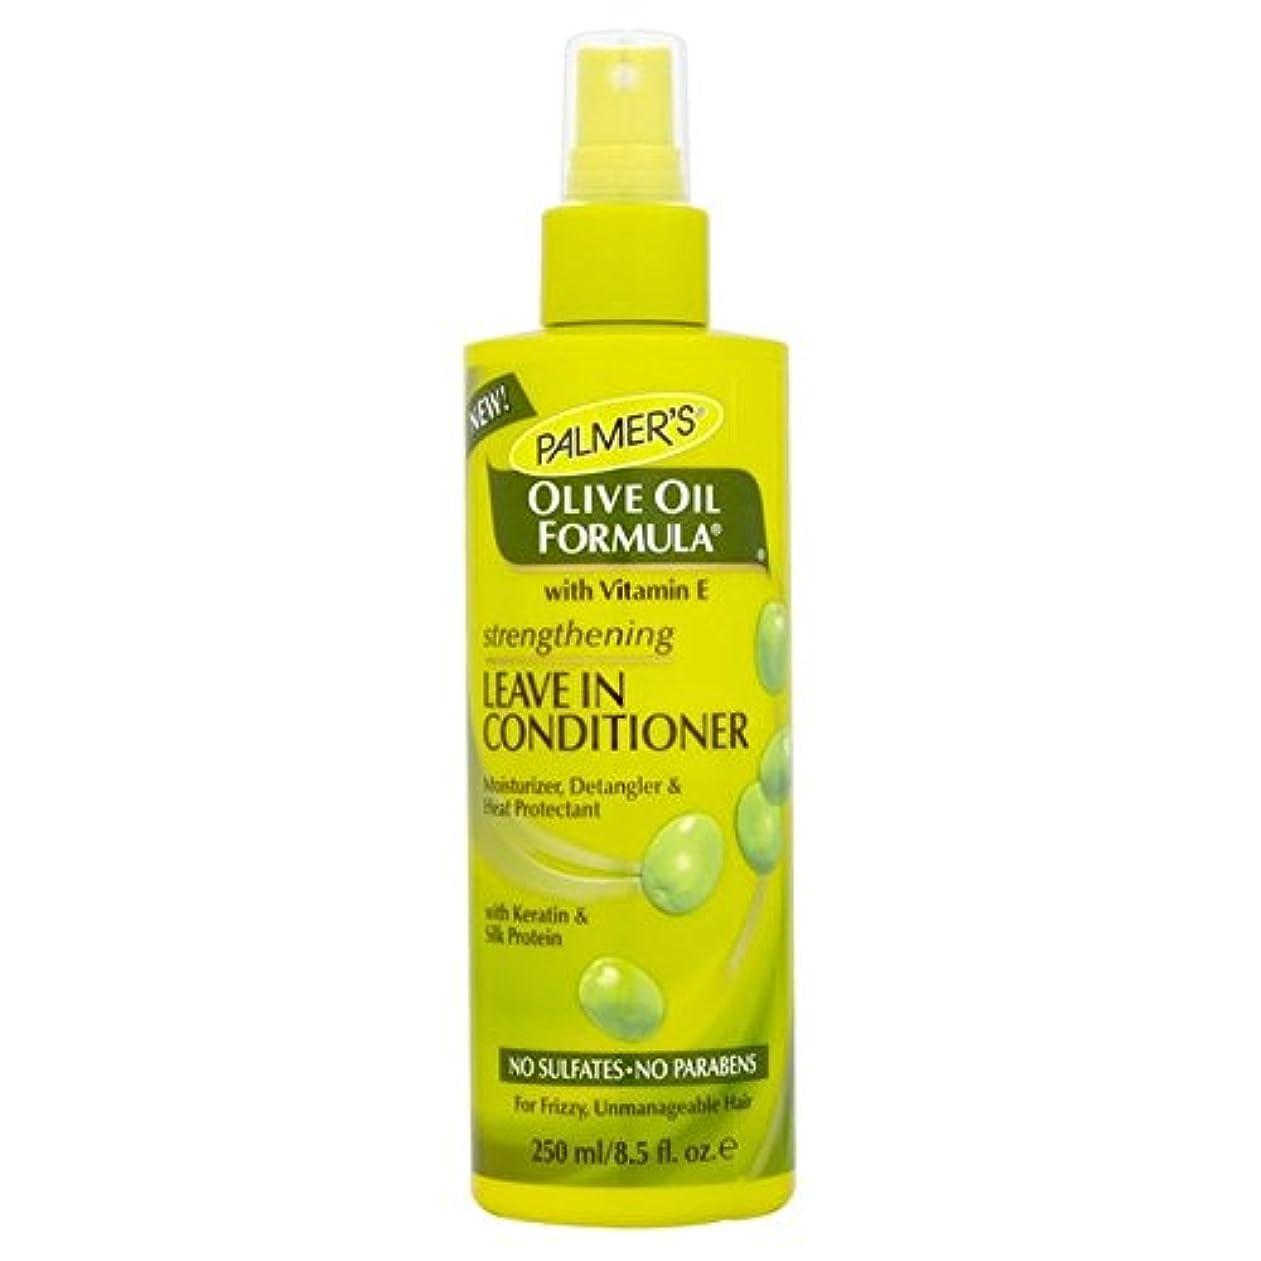 チャームためらうフレームワークPalmer's Olive Oil Formula Strengthening Leave-in Conditioner 250ml - リーブインコンディショナー250を強化パーマーのオリーブオイル式 [並行輸入品]